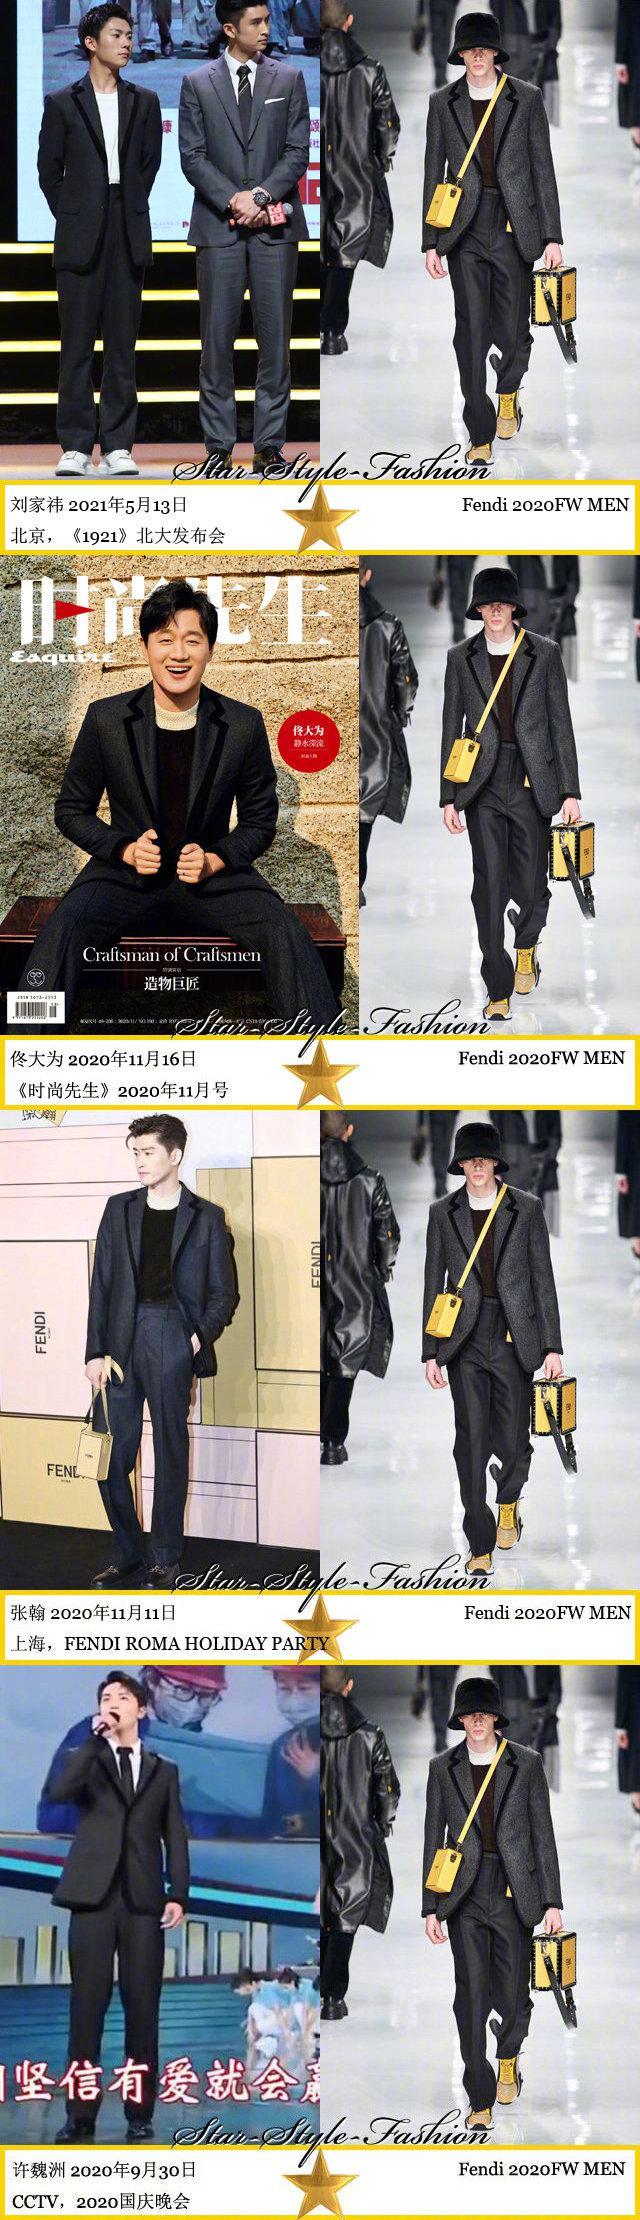 刘家祎身着fendi2020秋冬男士系列黑色滚边深灰色套装亮相……